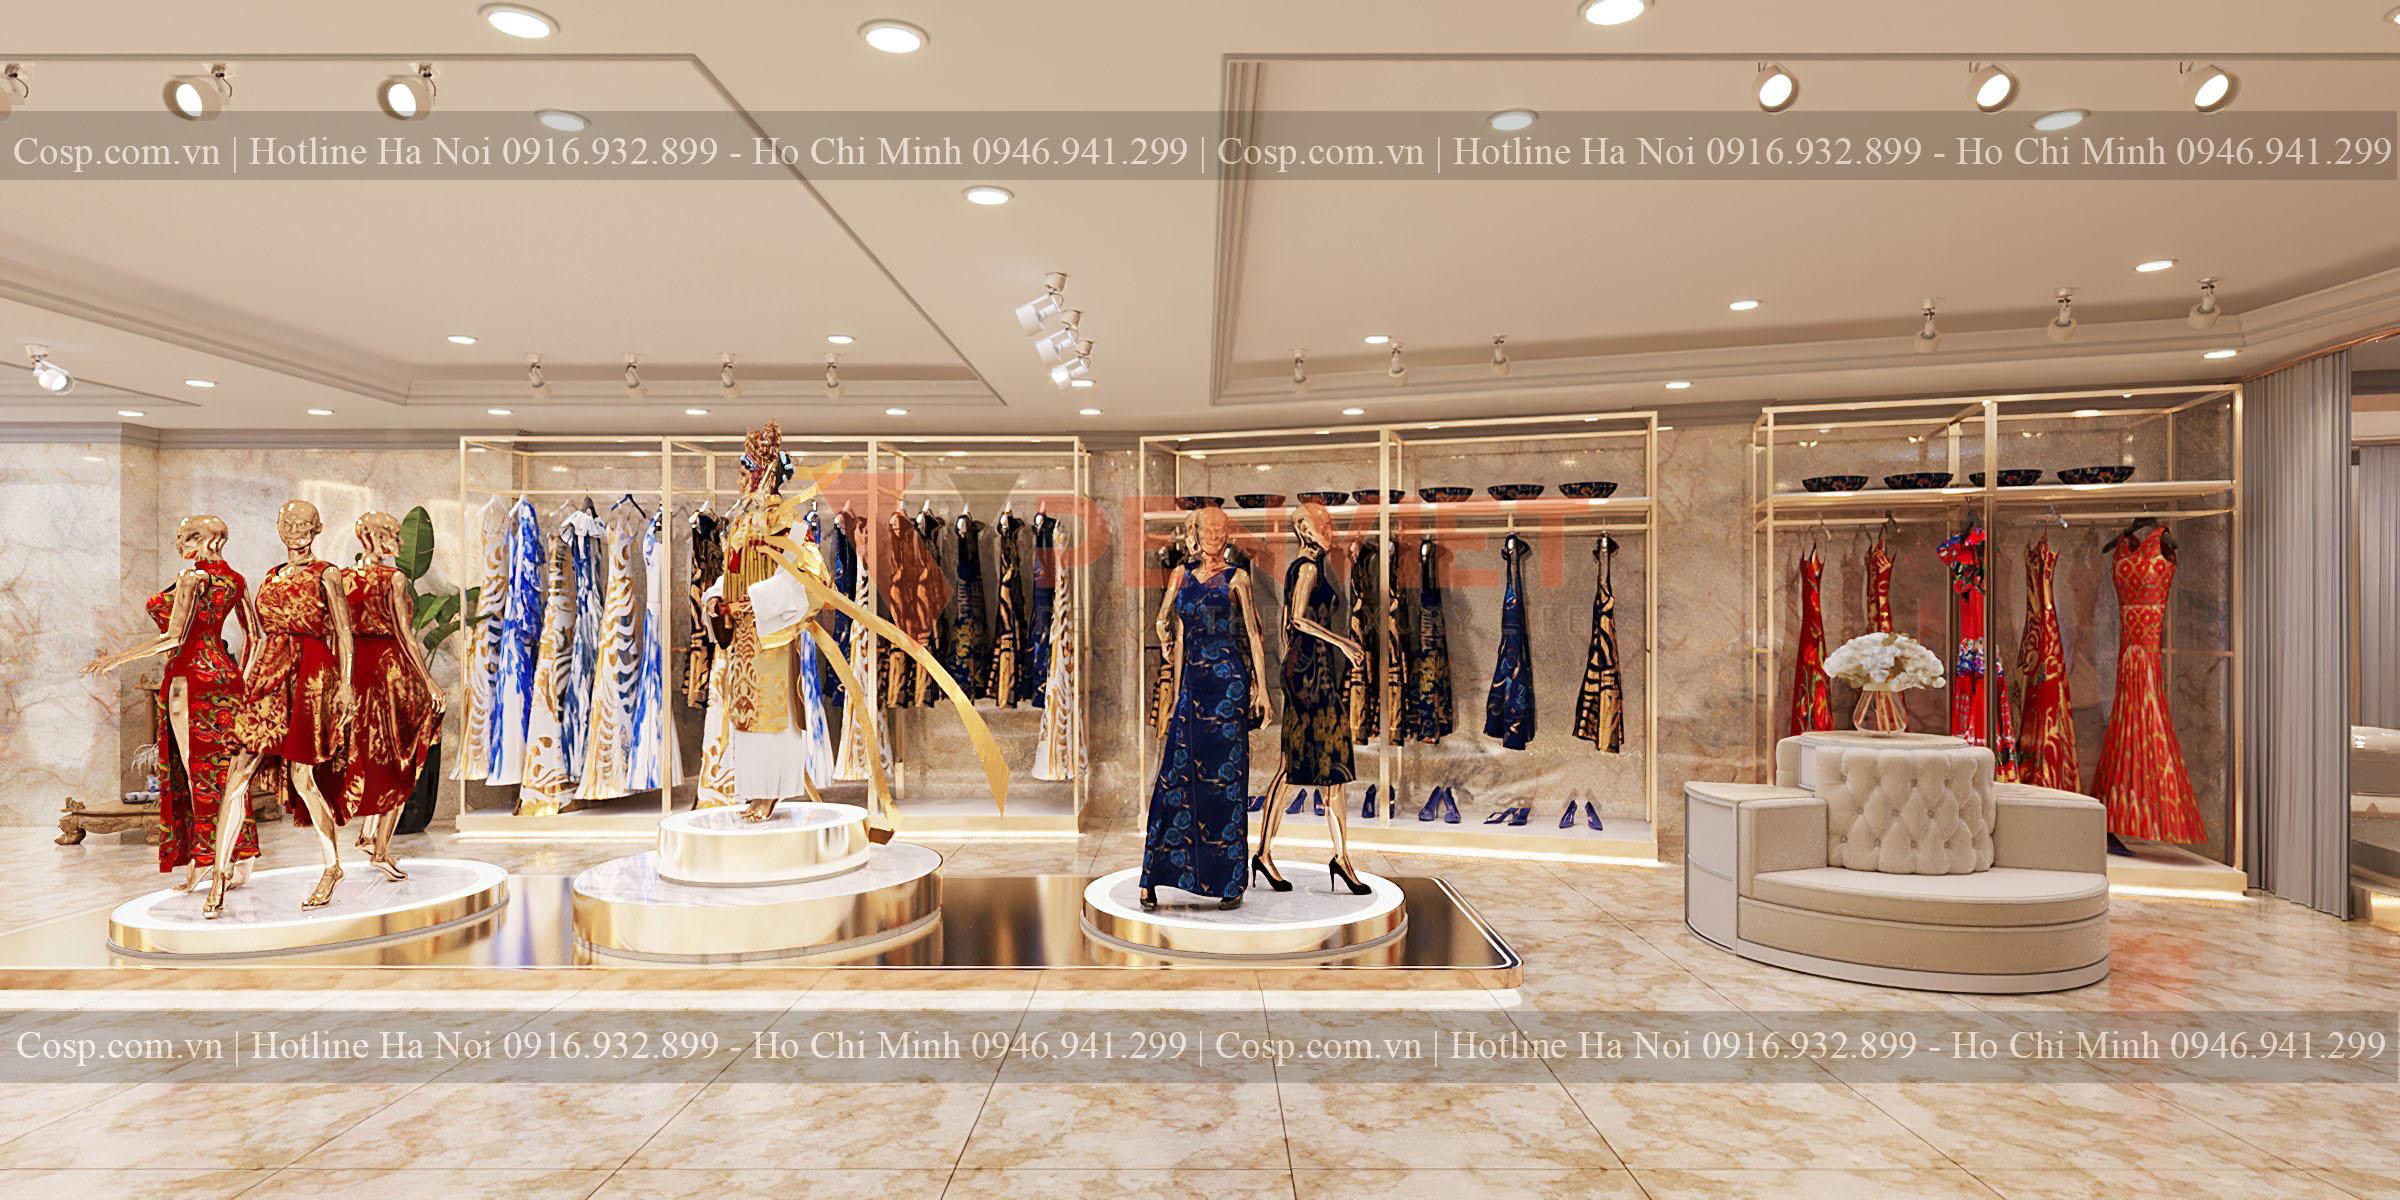 Kệ trưng bày sát tường của shop Hương Queen được thiết kế sang trọng, bắt mắt